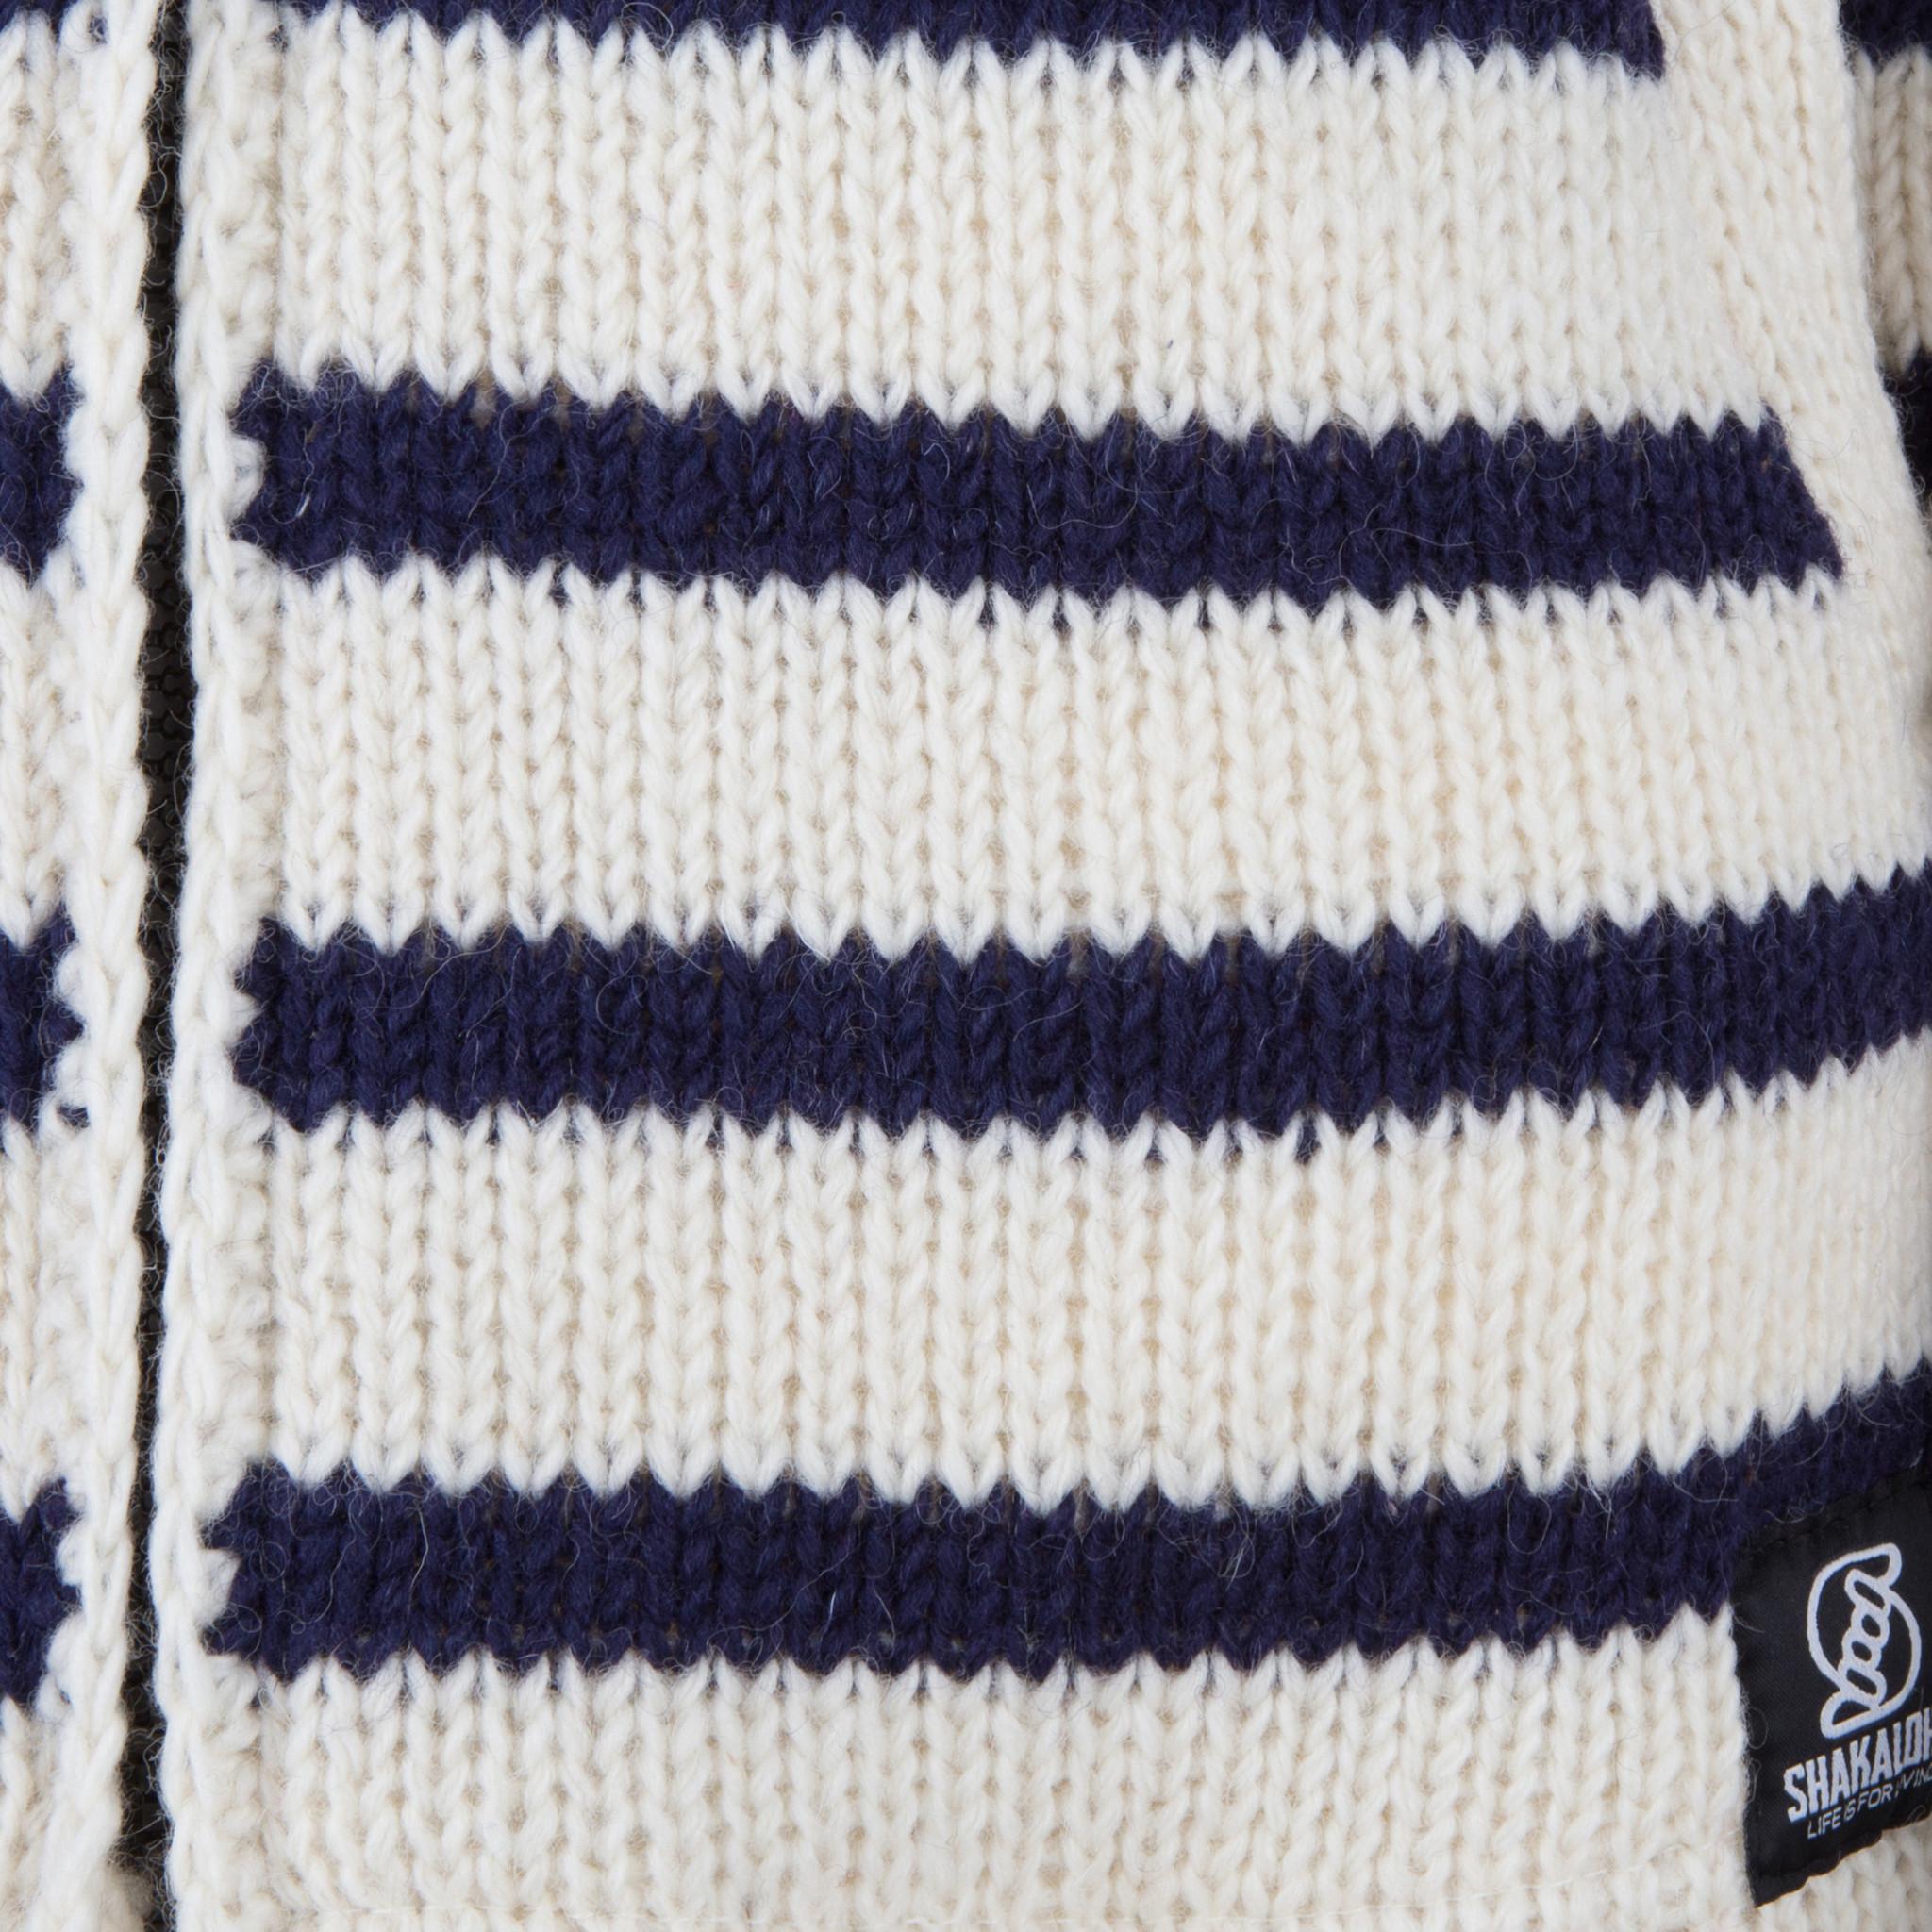 Shakaloha Cardigan en laine tricoté Shakaloha Breton Ziphood blanc bleu marine avec doublure en polaire et capuche amovible - Femme - Fabriqué à la main au Népal à partir de laine de mouton - Copie